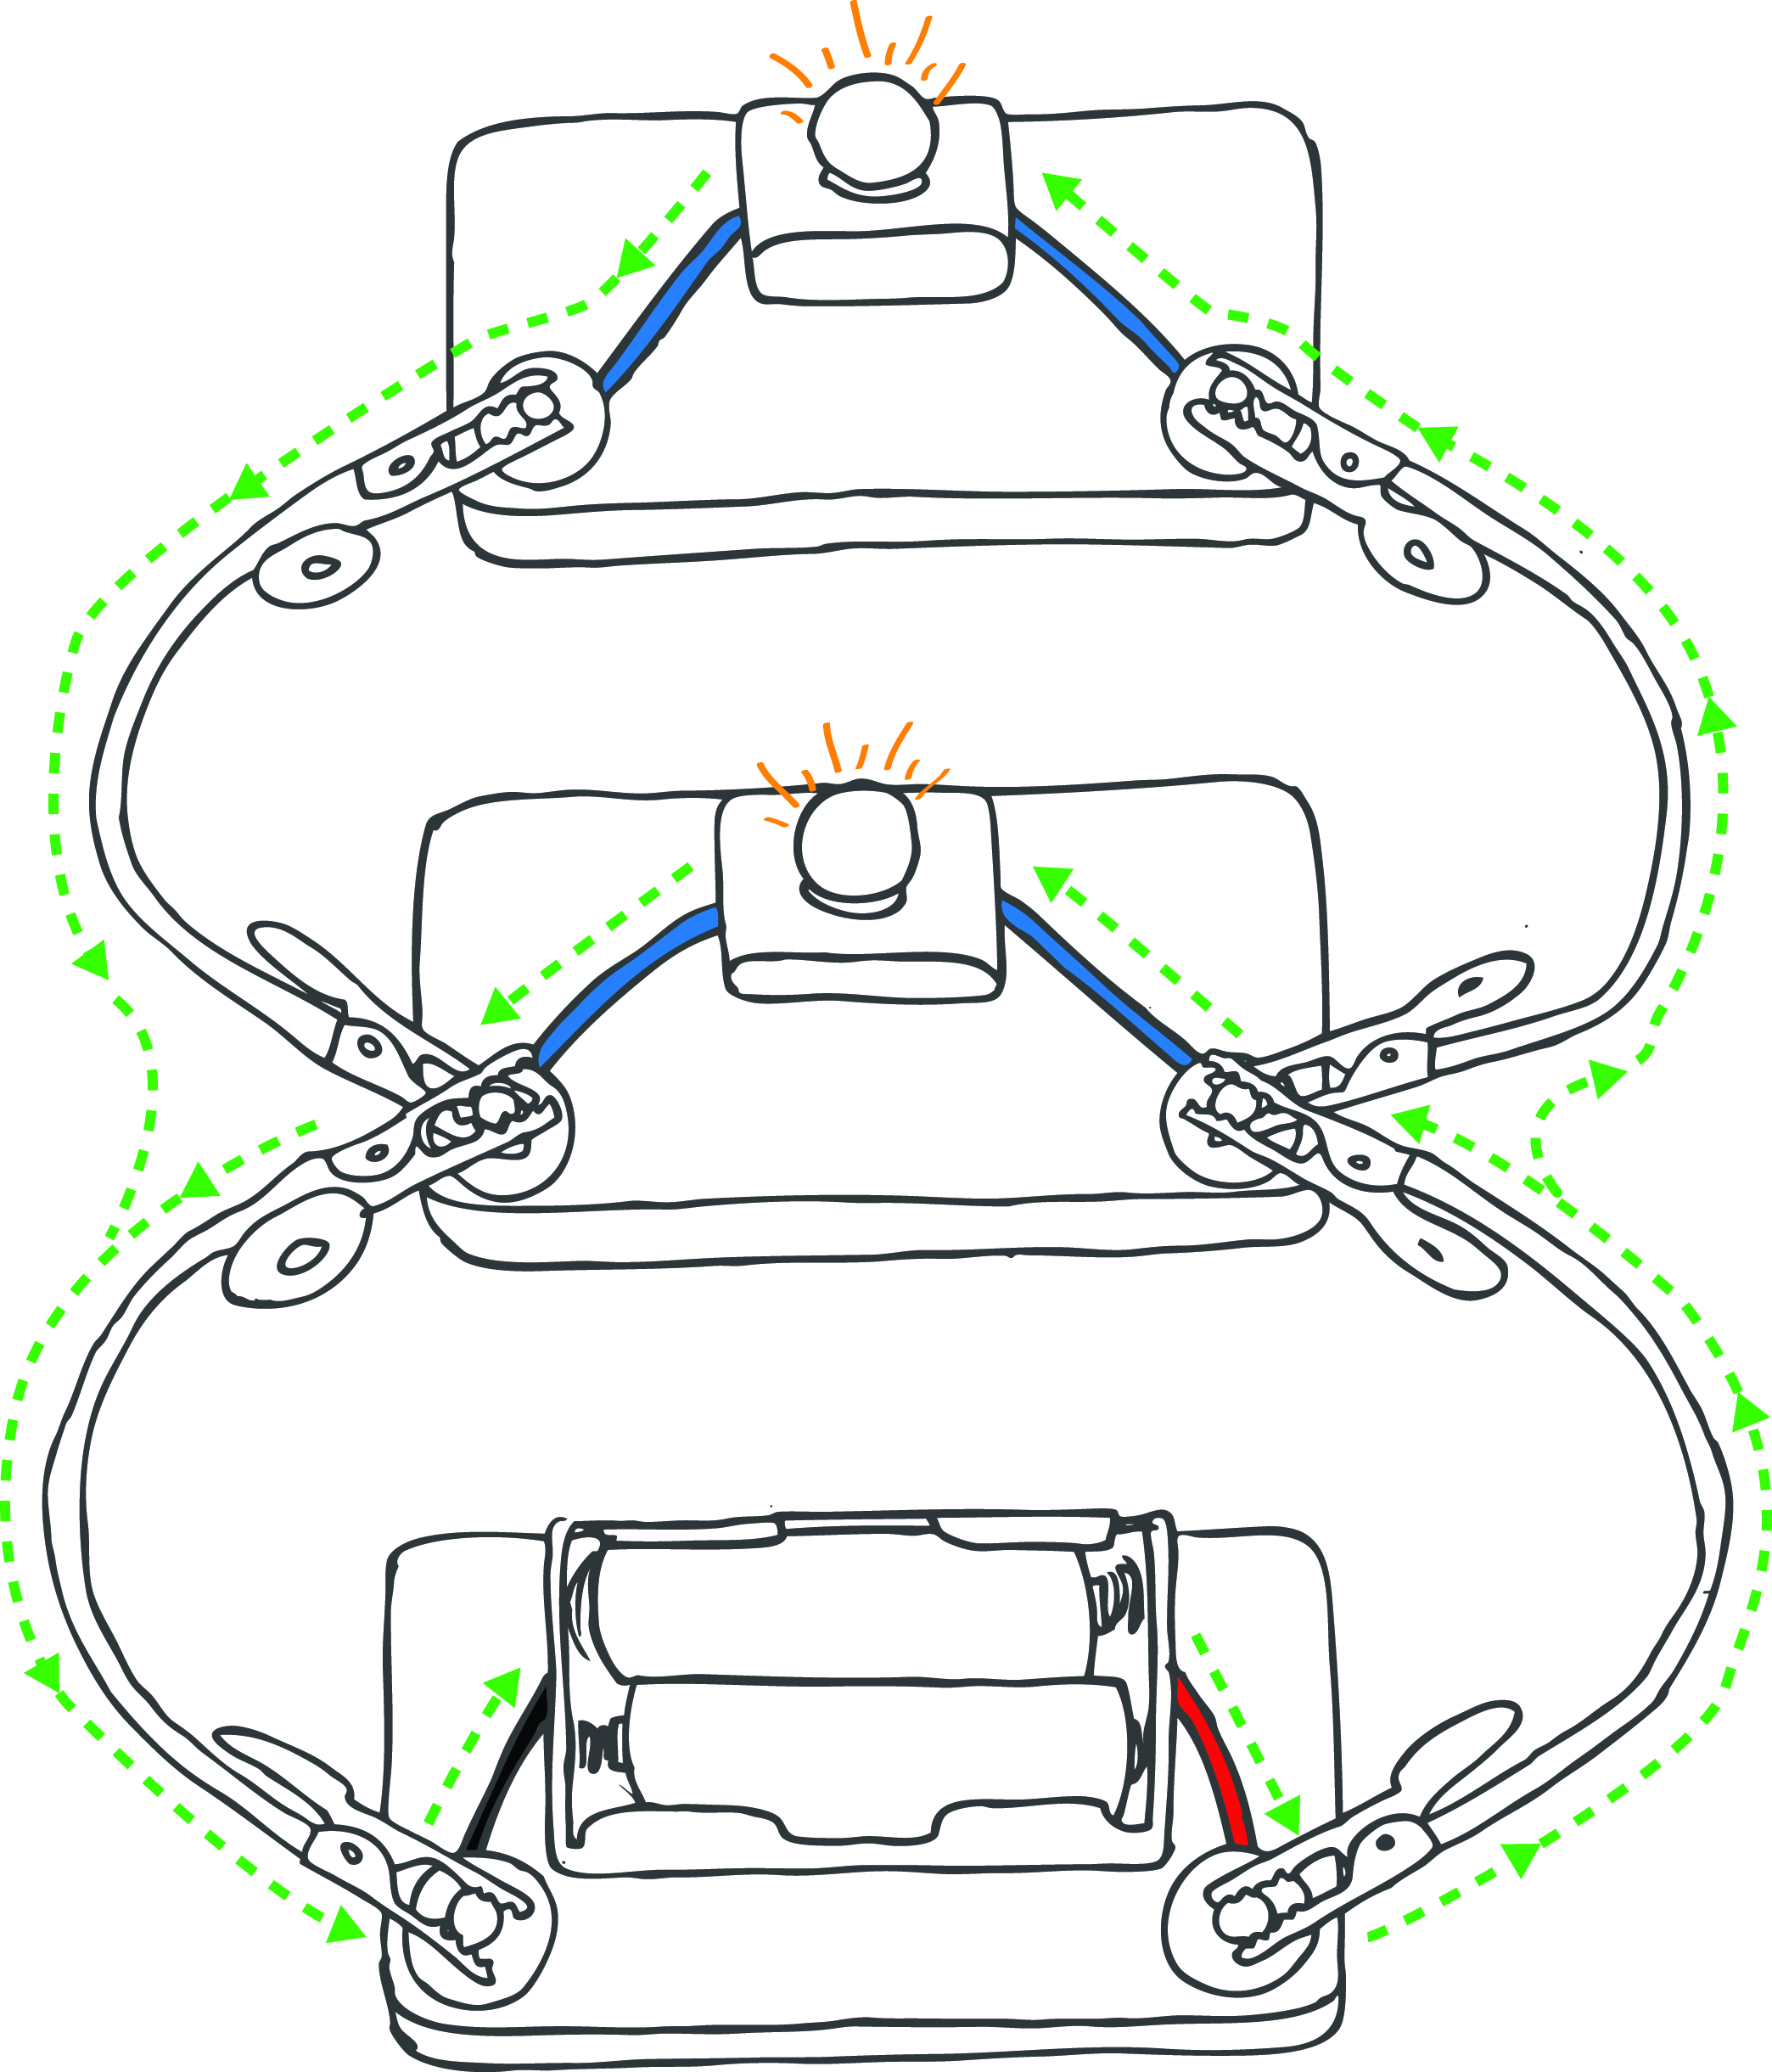 L L B parallel  fc.jpg